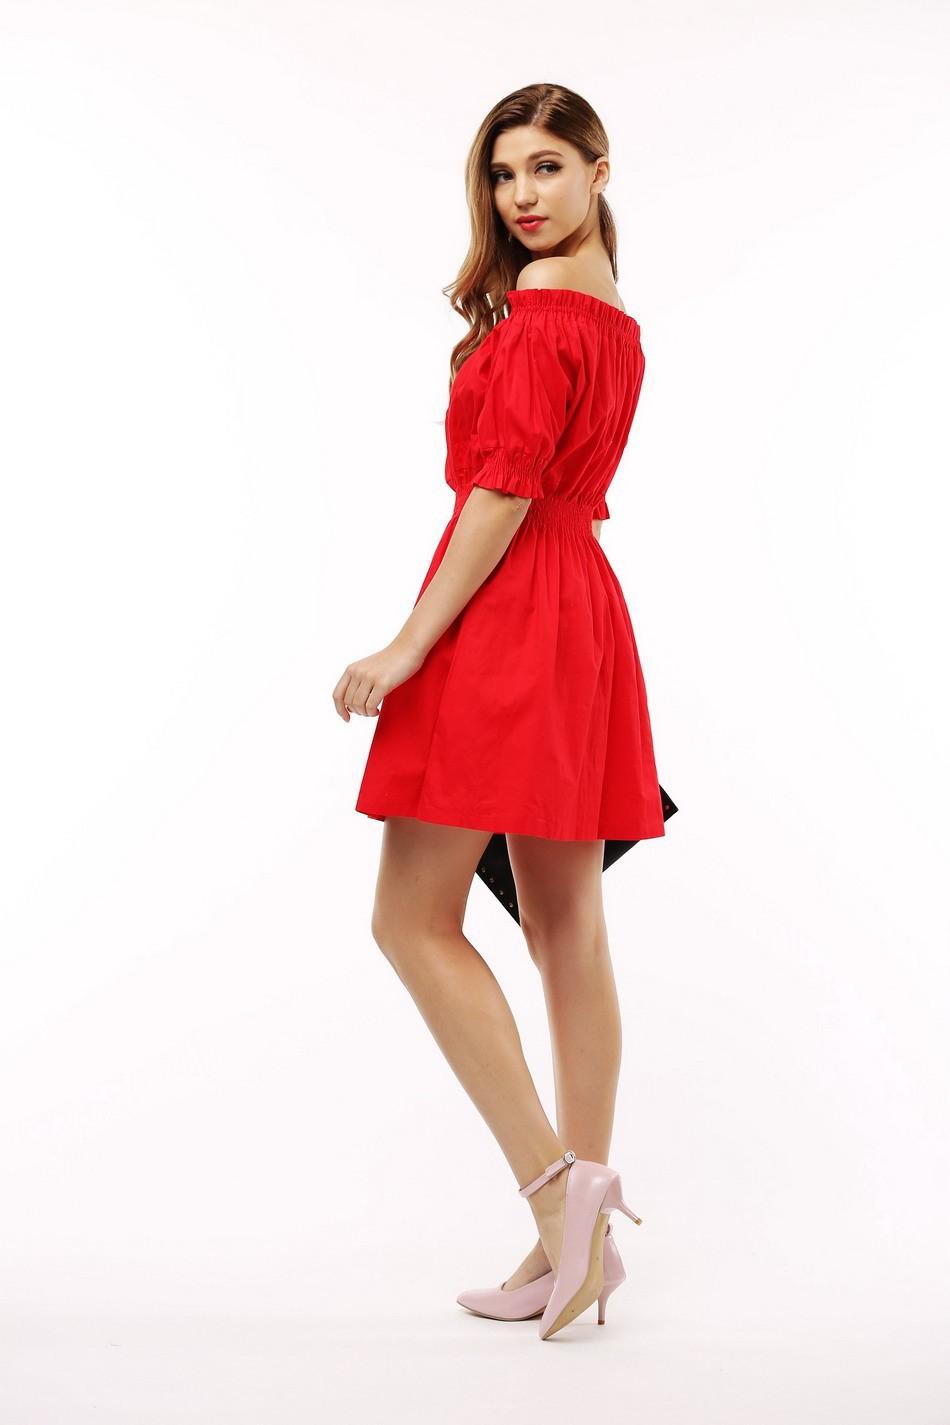 100% bawełna nowy 2017 jesień lato kobiety dress krótki rękaw casual sukienki plus size vestidos wc0380 7